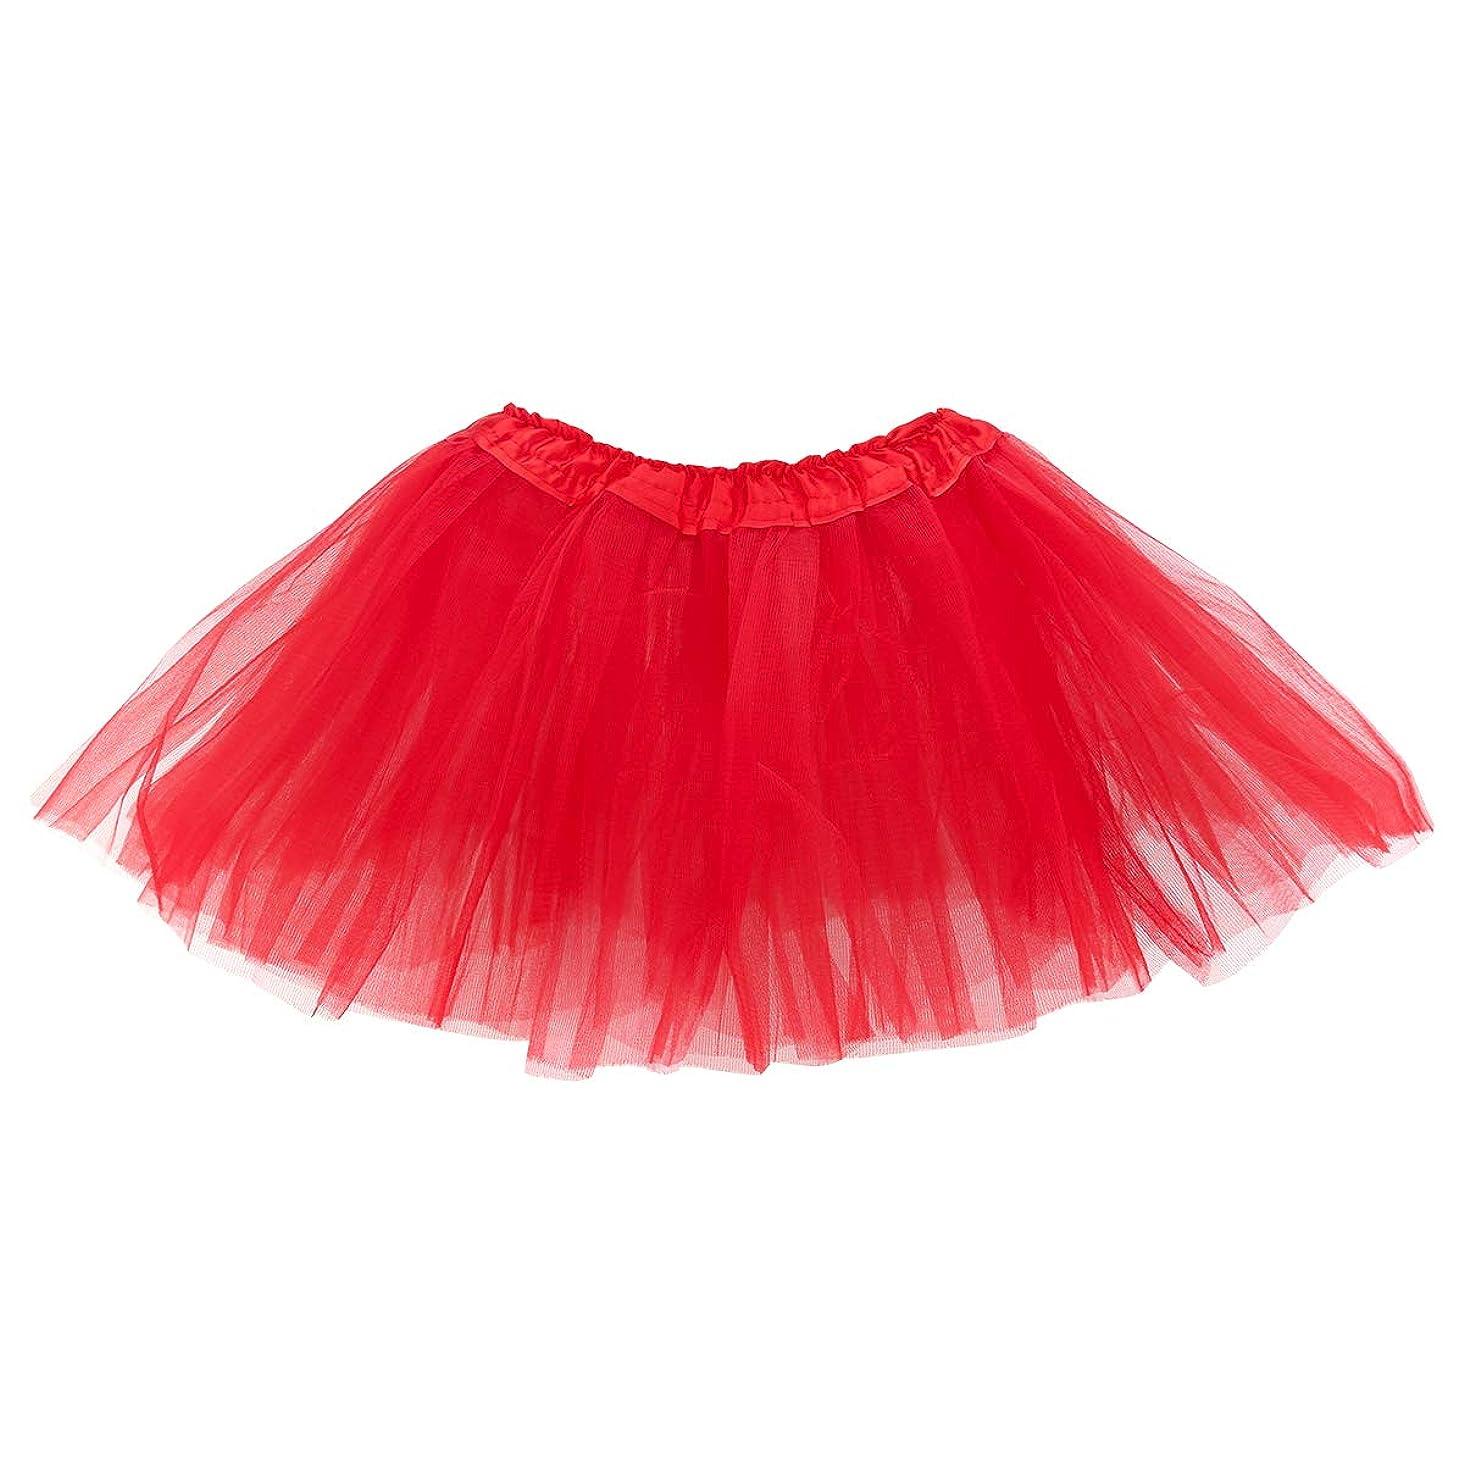 belababy Girls Tutu Ballet Dance Dress Up Skirt, 2-8T